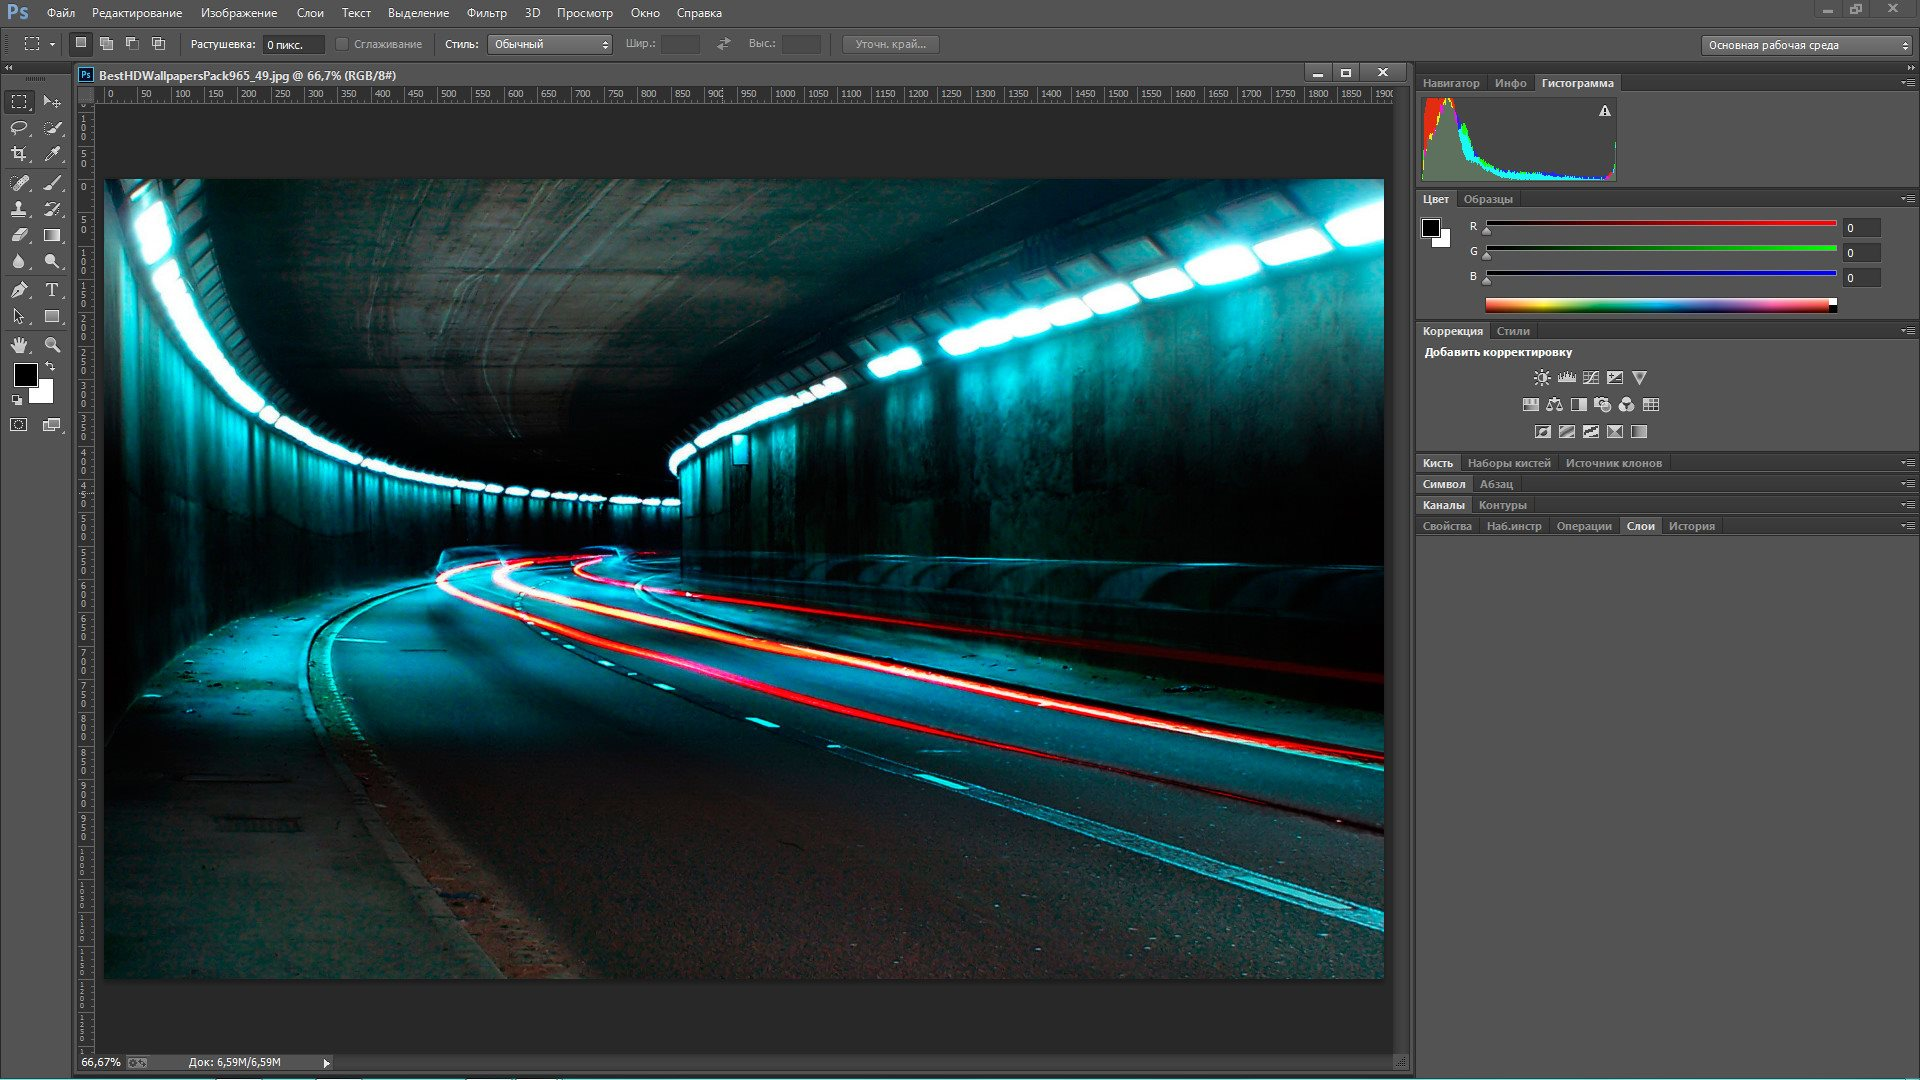 Adobe photoshop cs6 скачать бесплатно на русском.